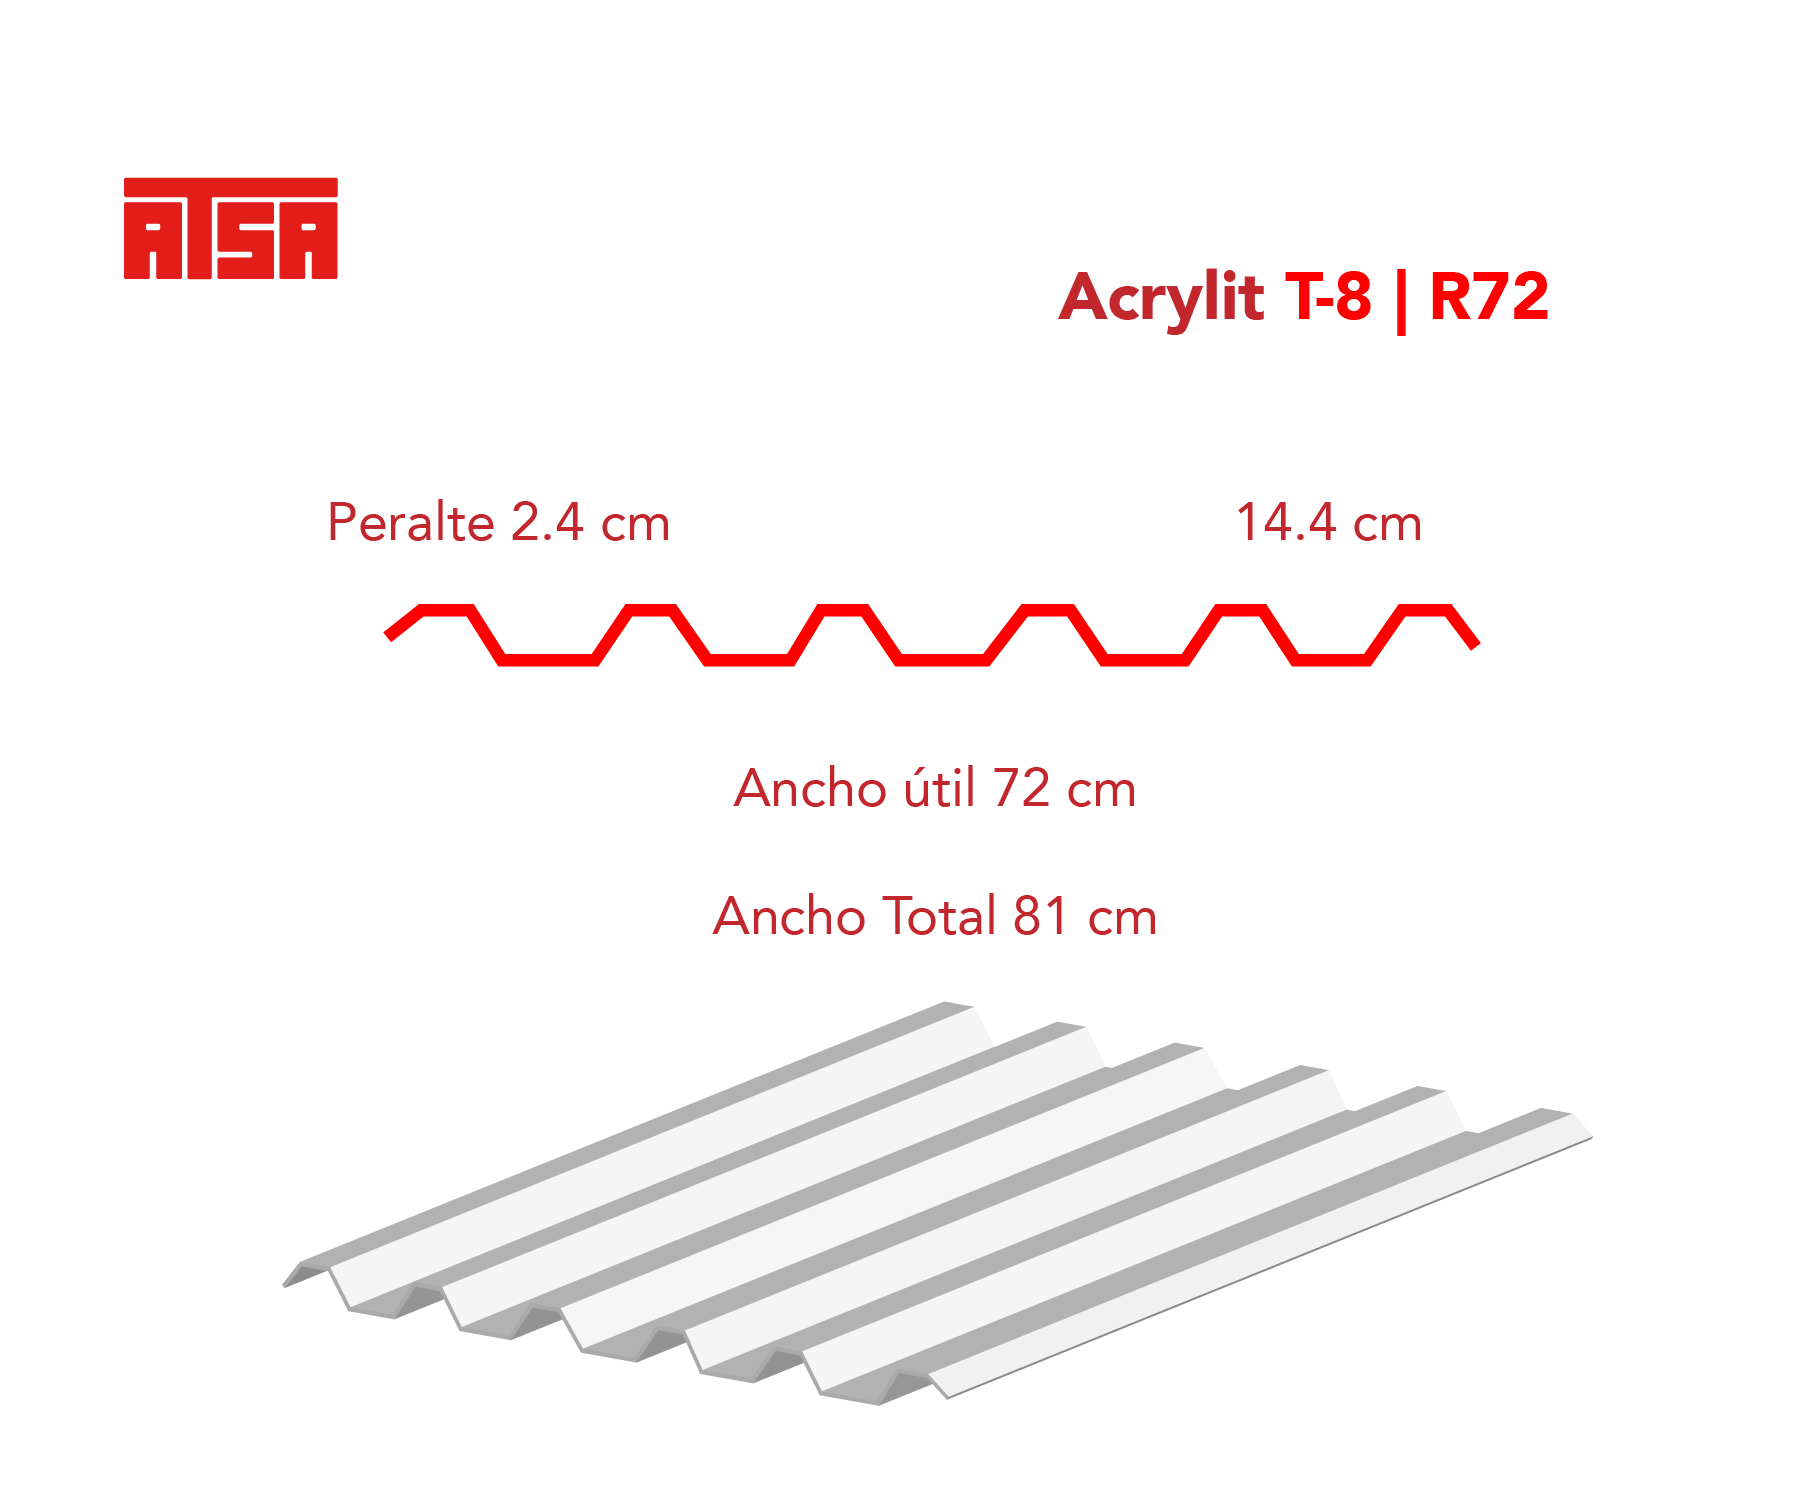 Medidas de la lámina acrylit t-8 traslúcida